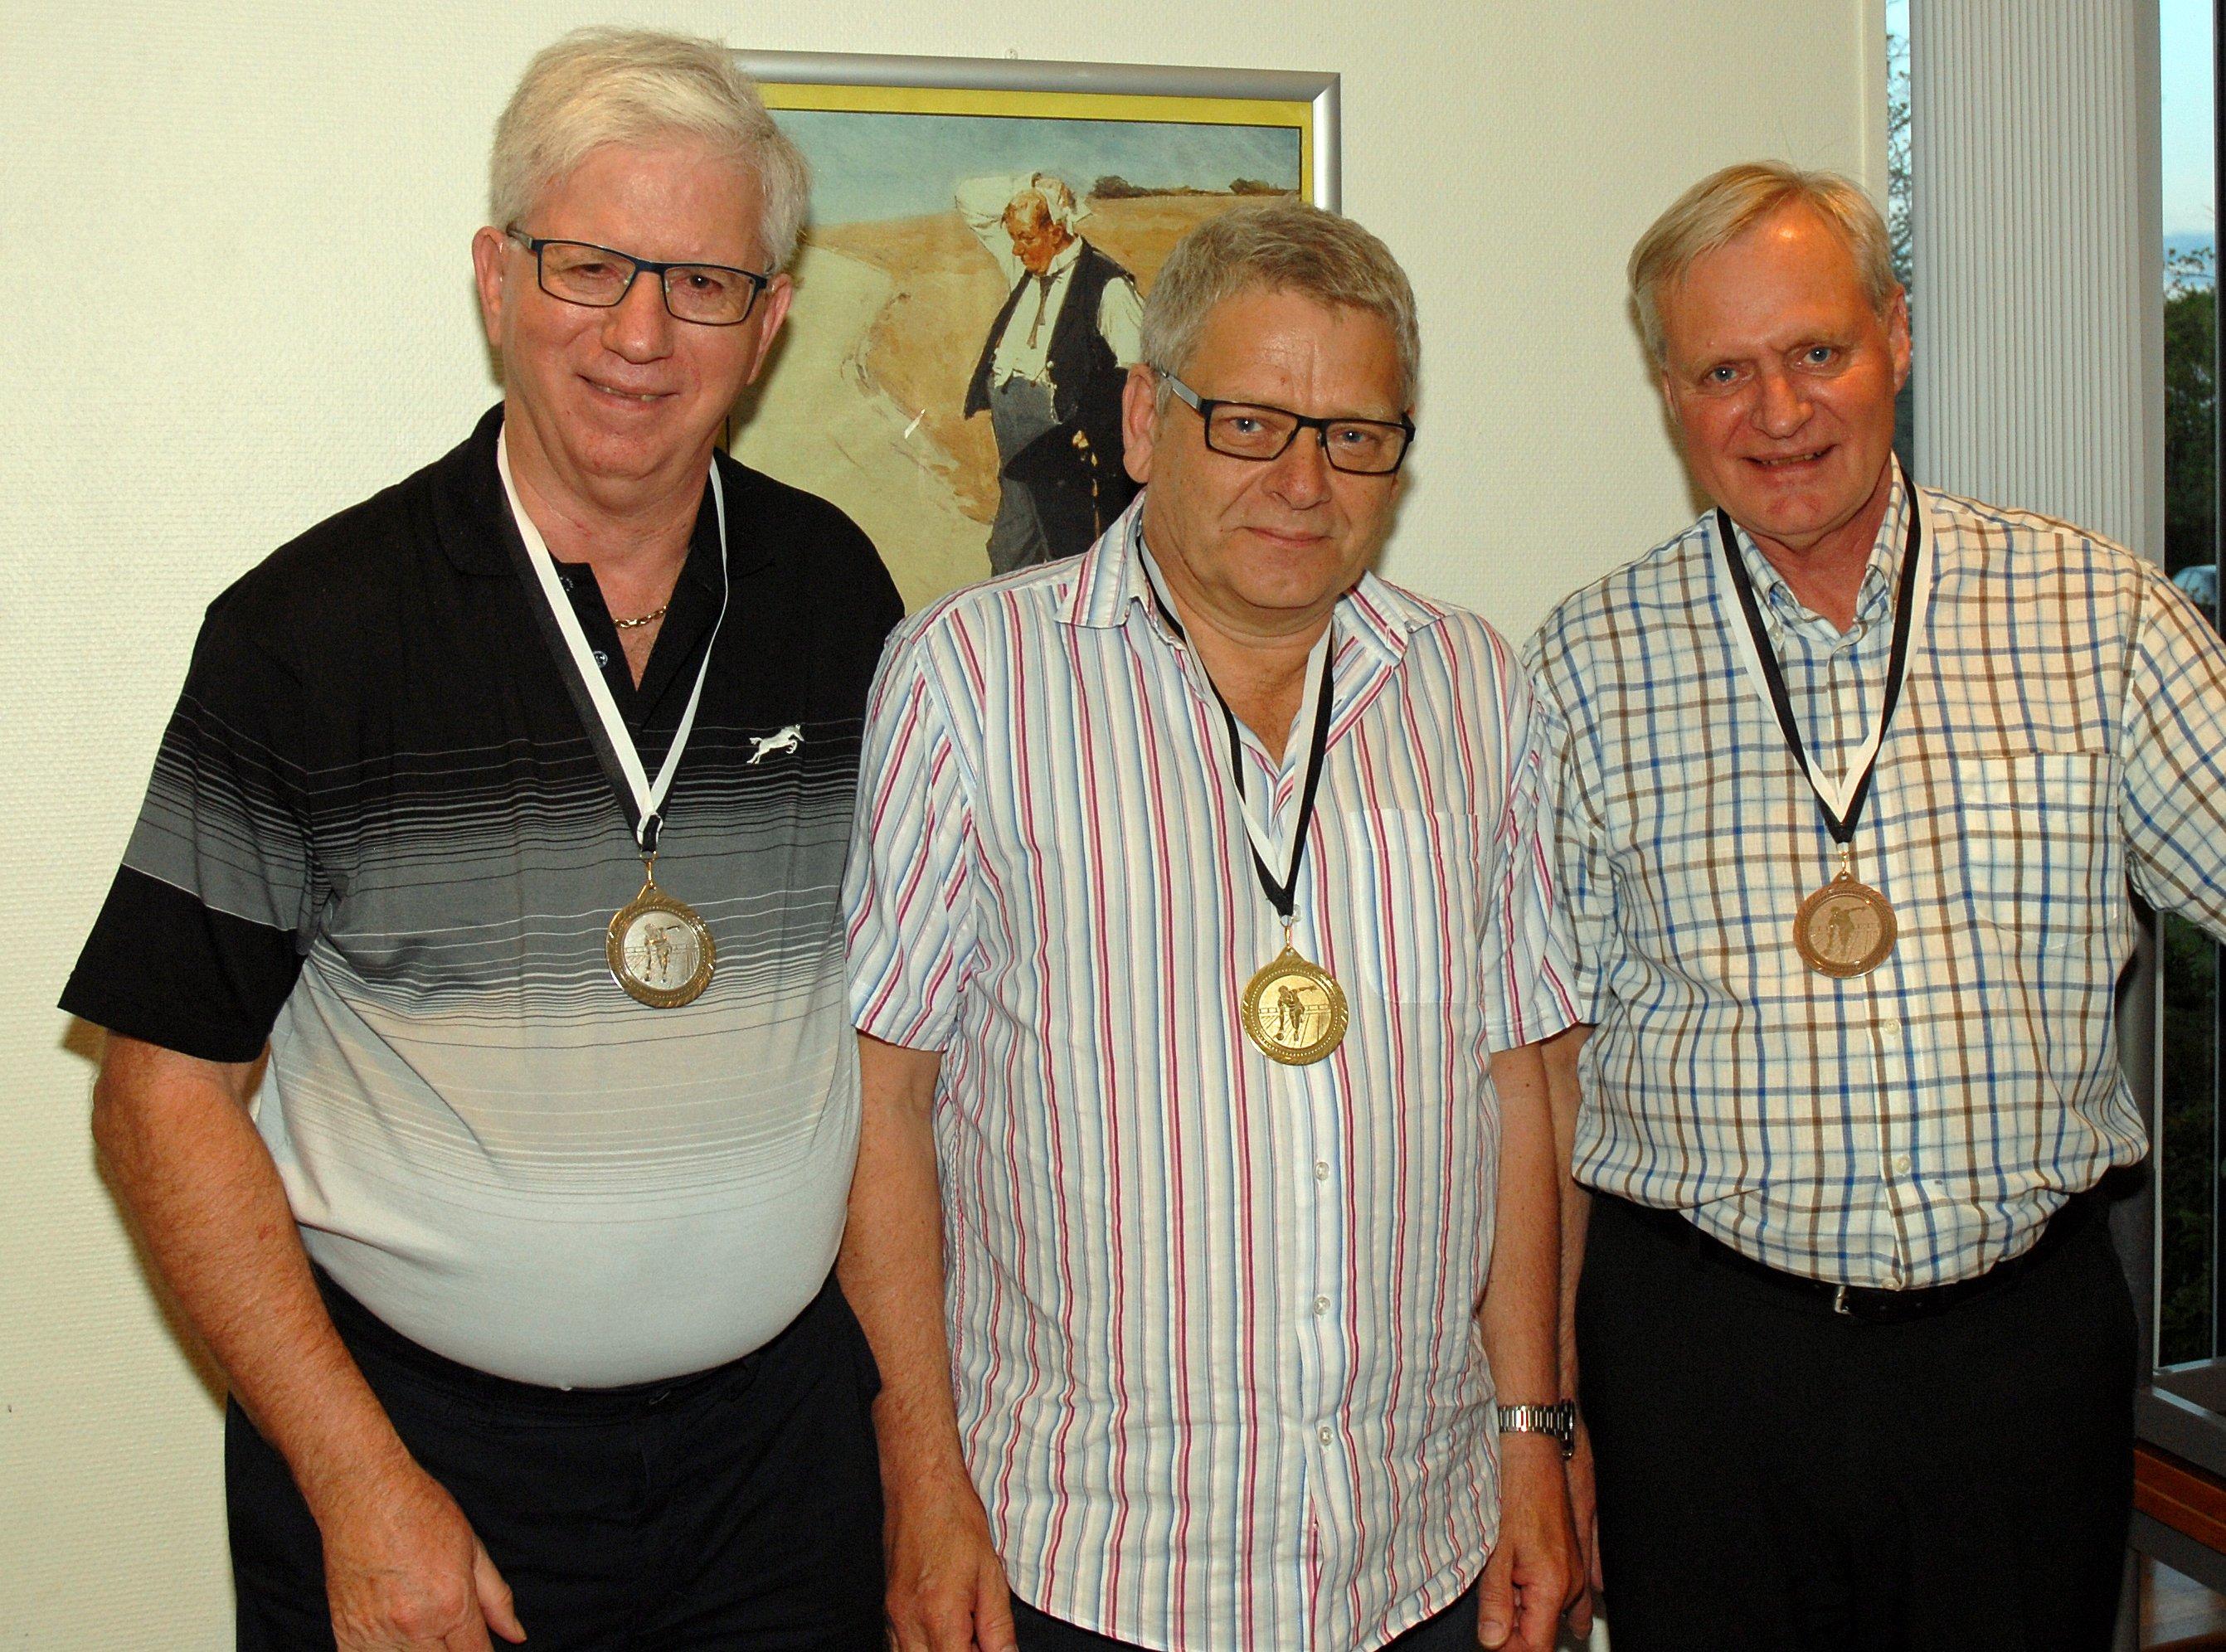 Klubmesterskab 2015. Herrer række C. Guld til Carsten Petersen, Sølv til Birger Pedersen og Bronze til Jan Berghof